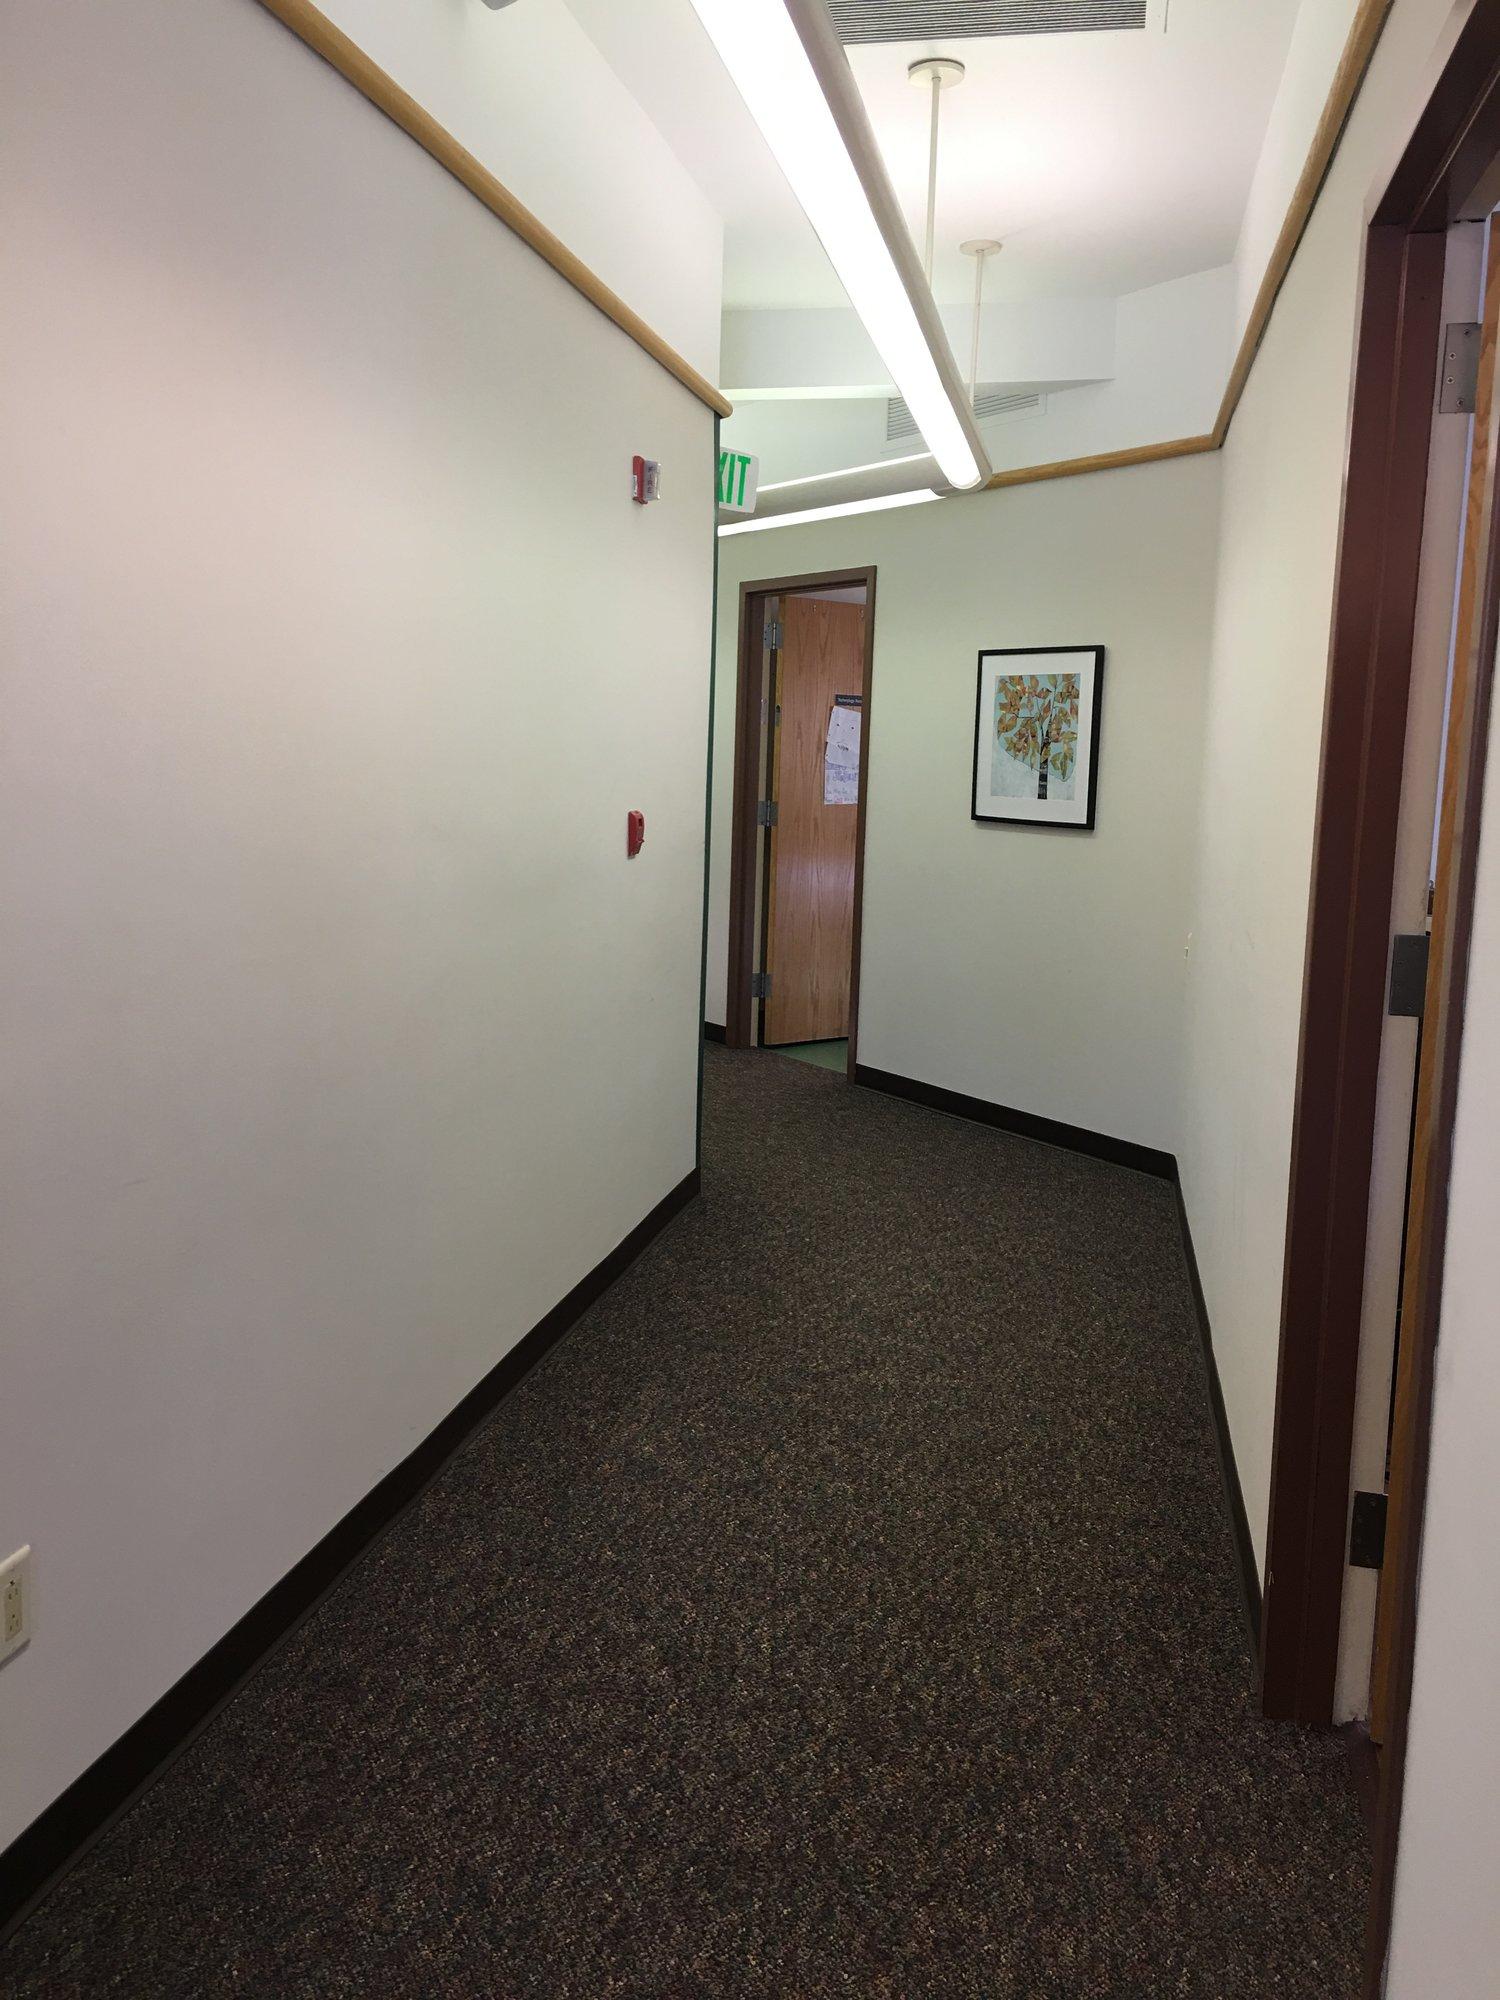 A quiet hallway. Photo by Ilene B. Miller